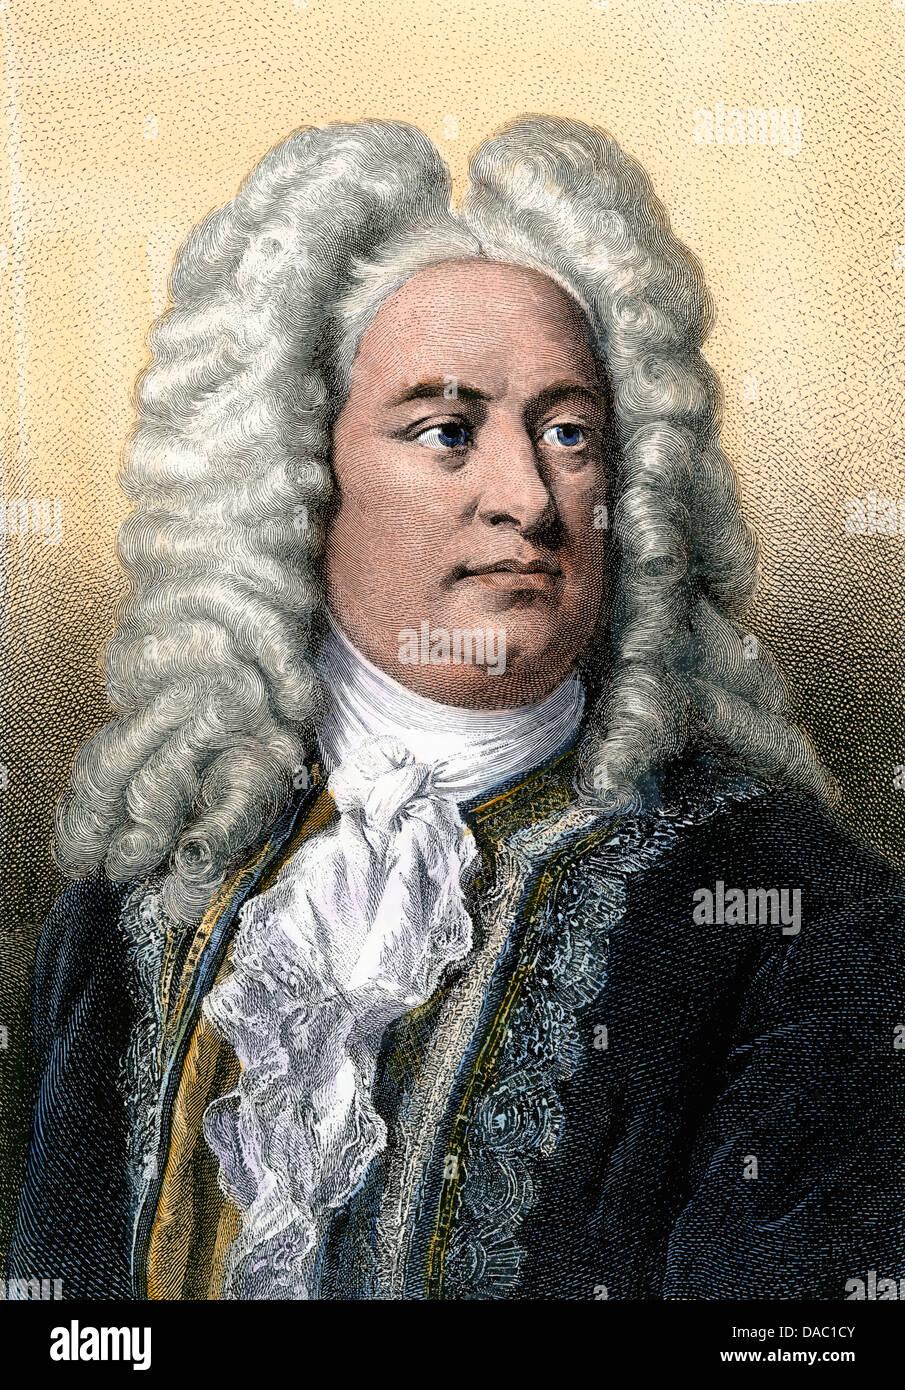 Portrait des Komponisten Georg Friedrich Händel. Hand - farbige Gravur Stockbild